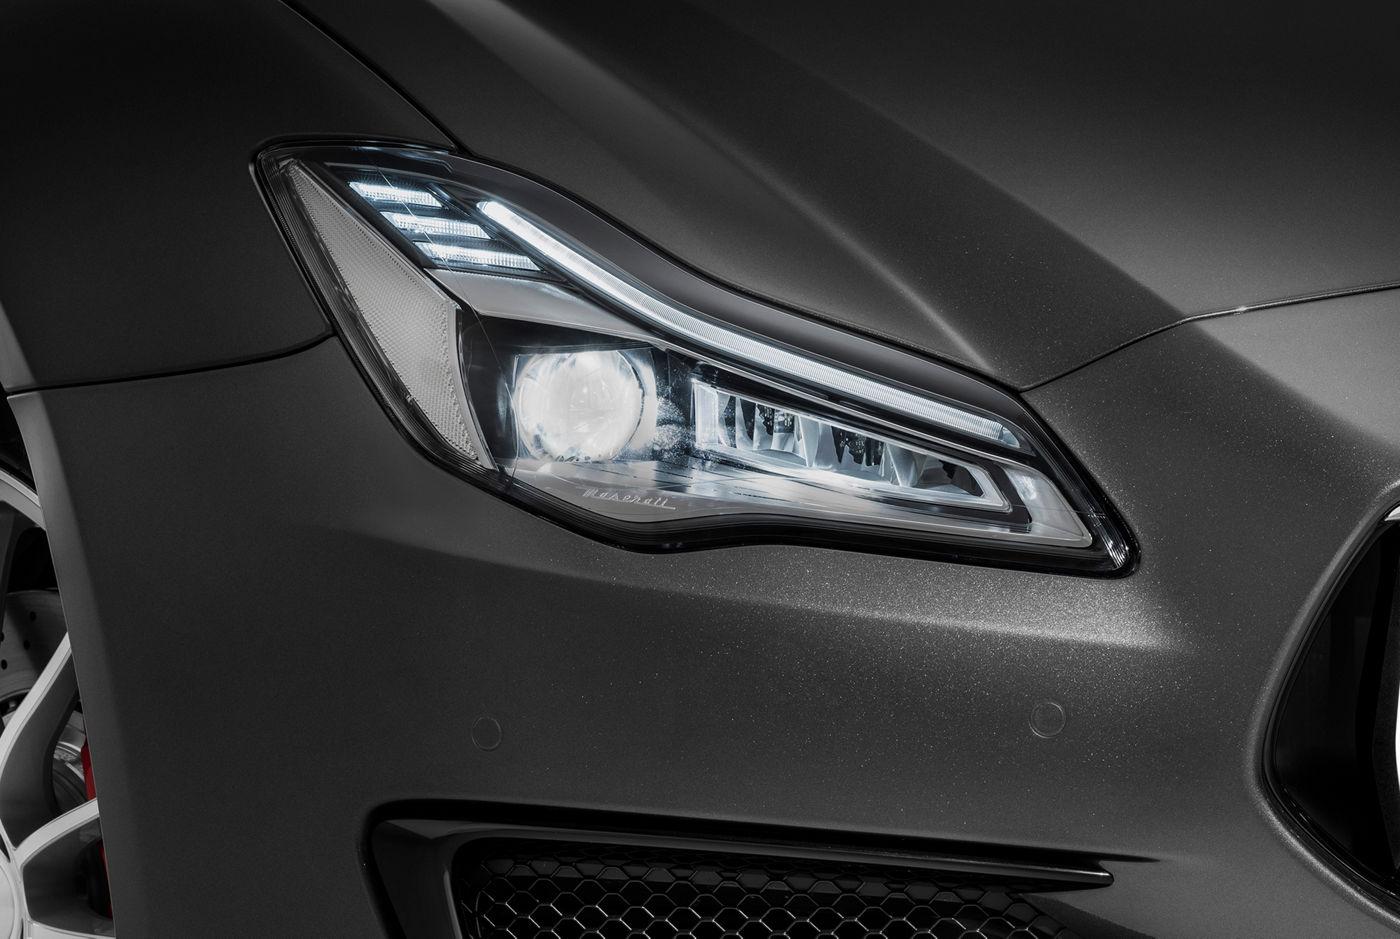 Maserati Quattroporte Scheinwerfer - Adaptiven Voll-LED- Scheinwerfern